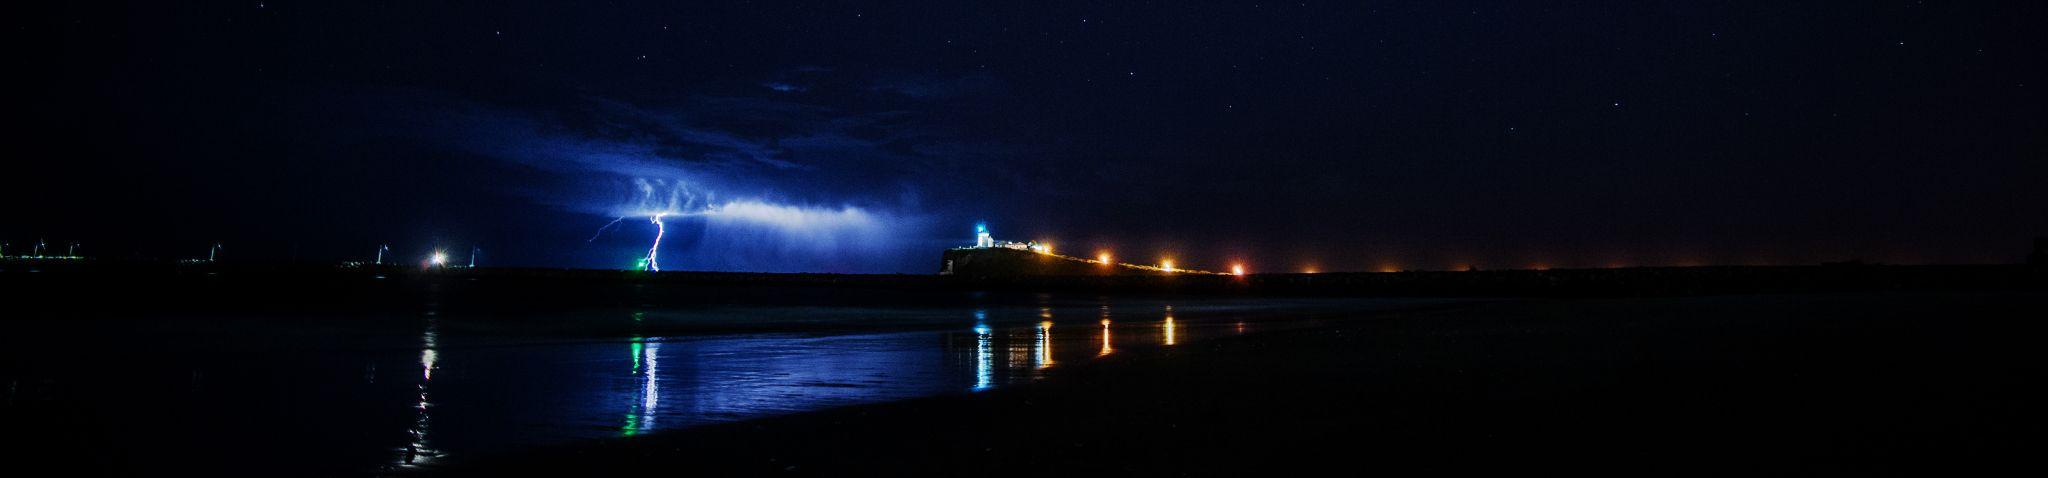 Lighthouse vs Lightning by Matej Kmet